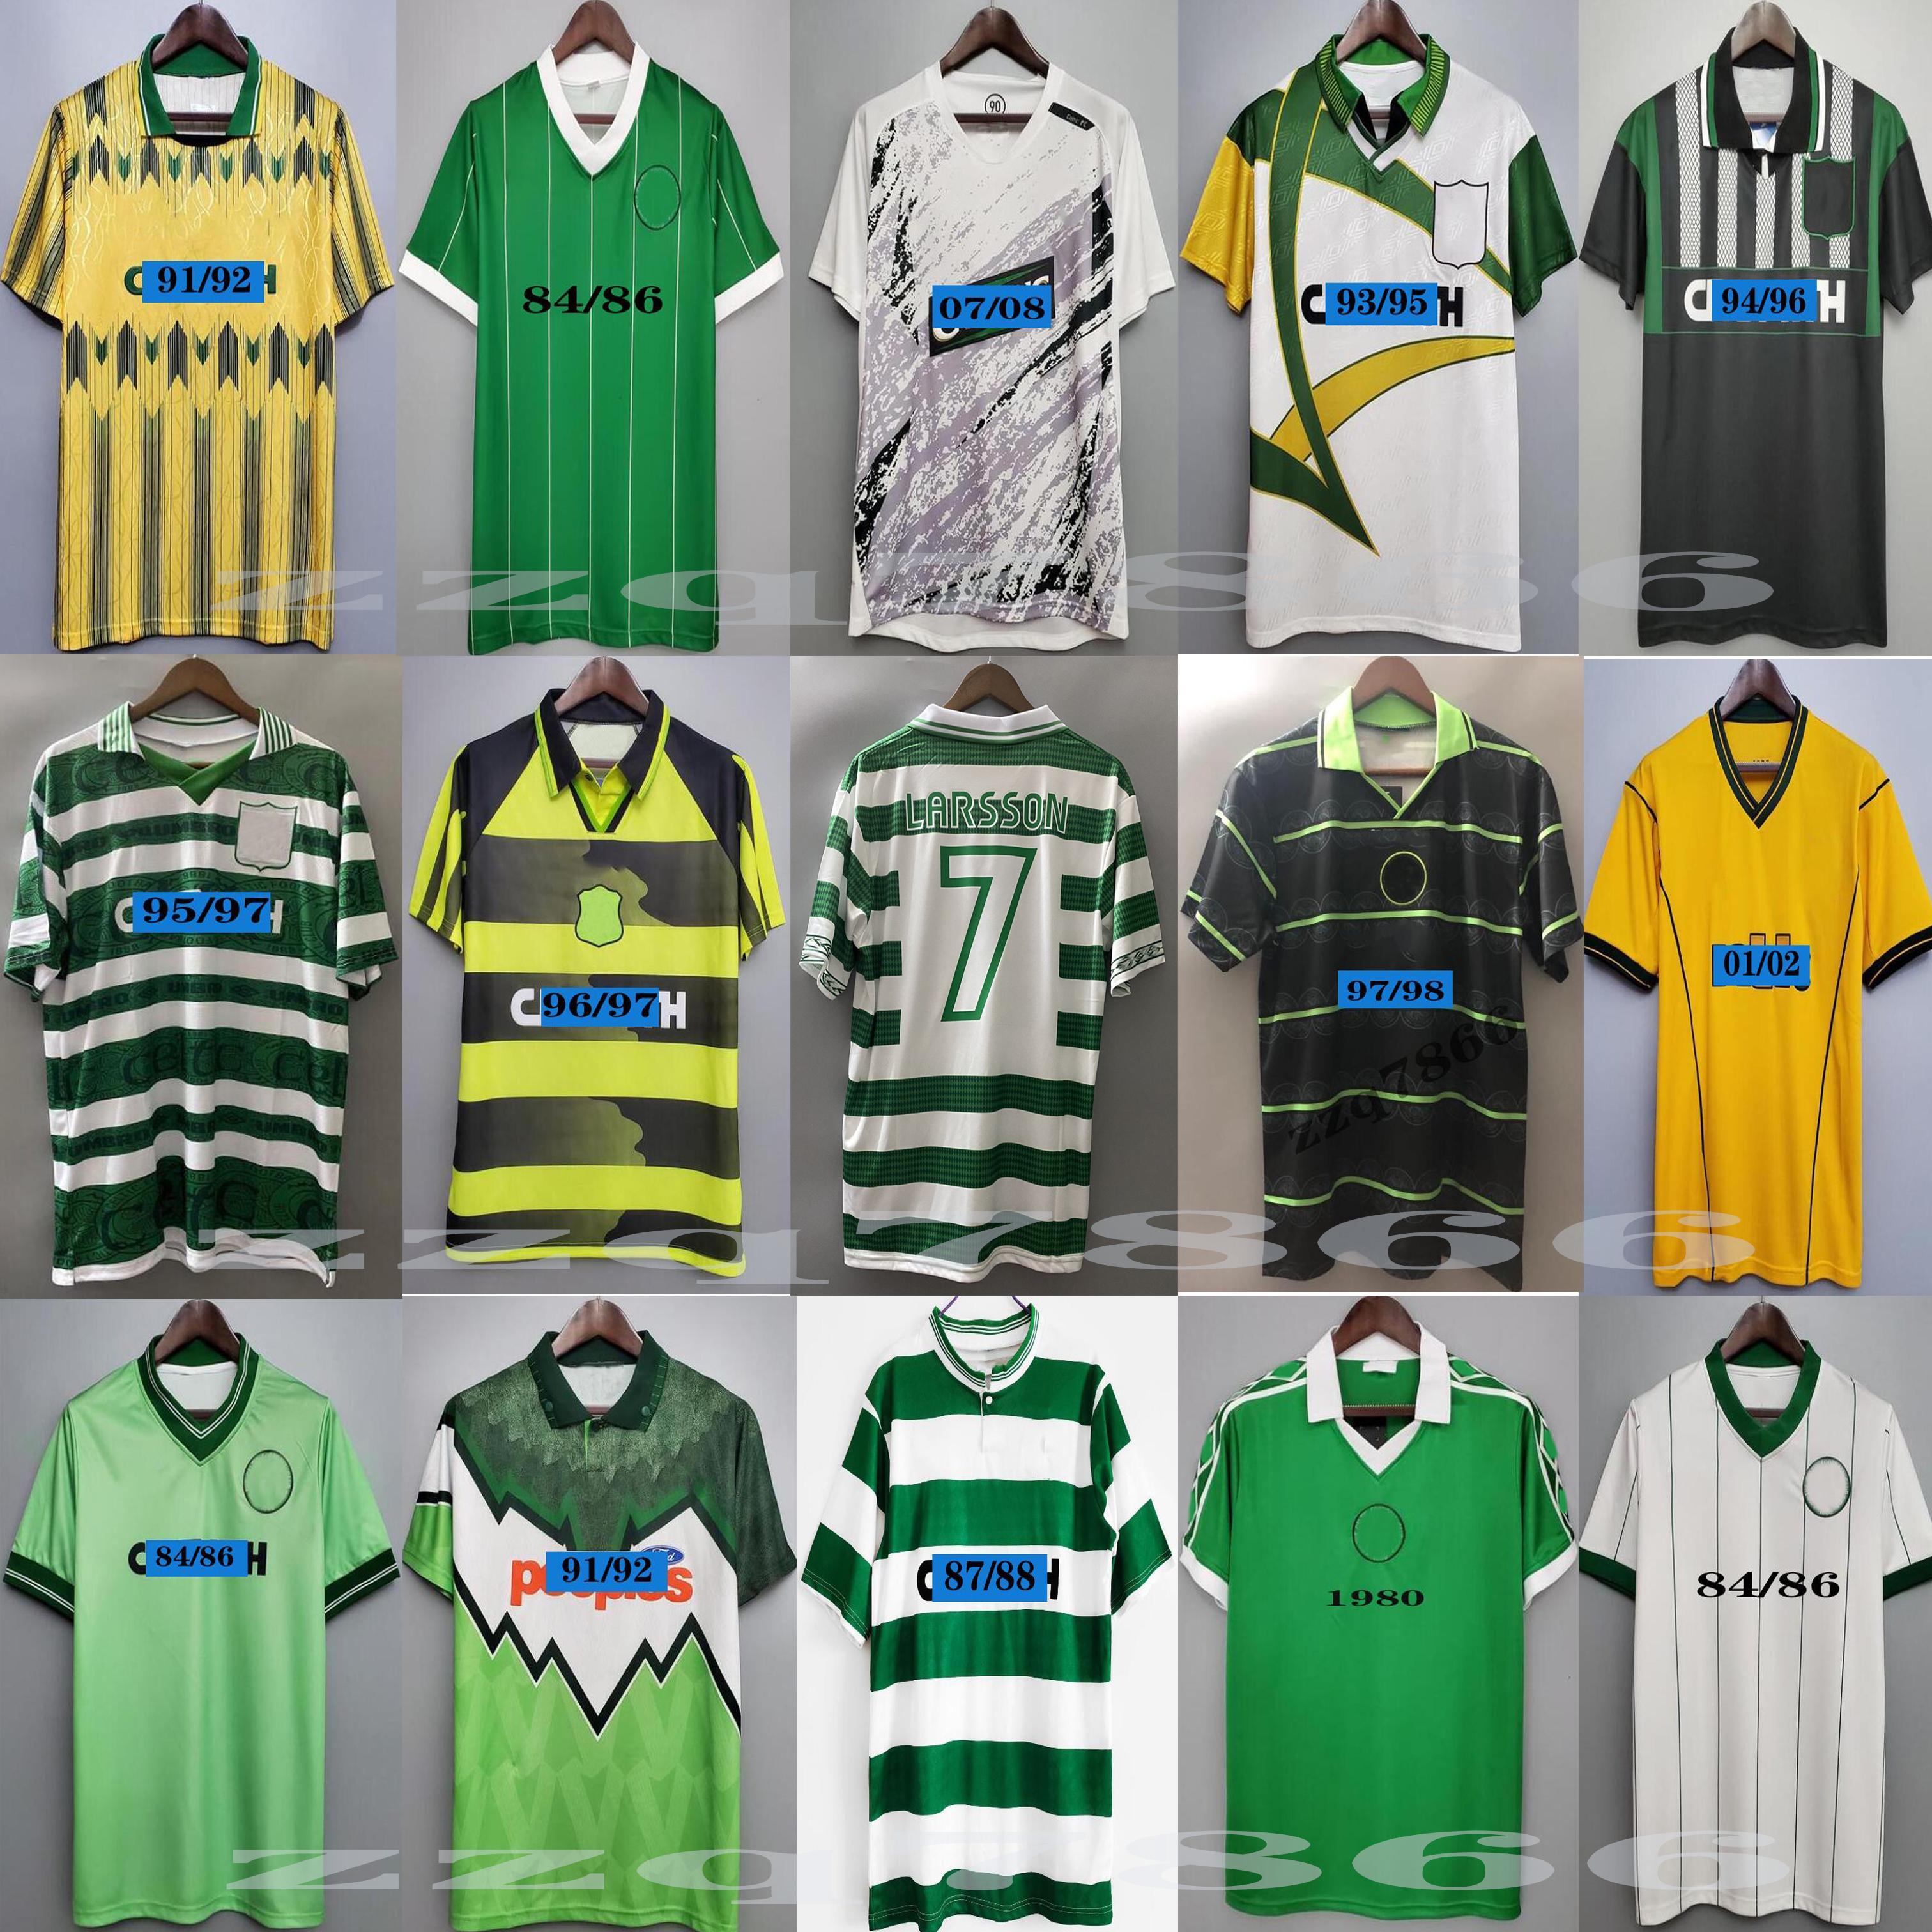 1982 84 86 Top Celtic # 7 Larsson 2000 2002 Retro Soccer Jerseys 80 85 89 01 03 07 07 07 08 91 91 92 97 97 خمر قميص كرة القدم بعيدا أخضر جيليسبيبي كاسكارينو